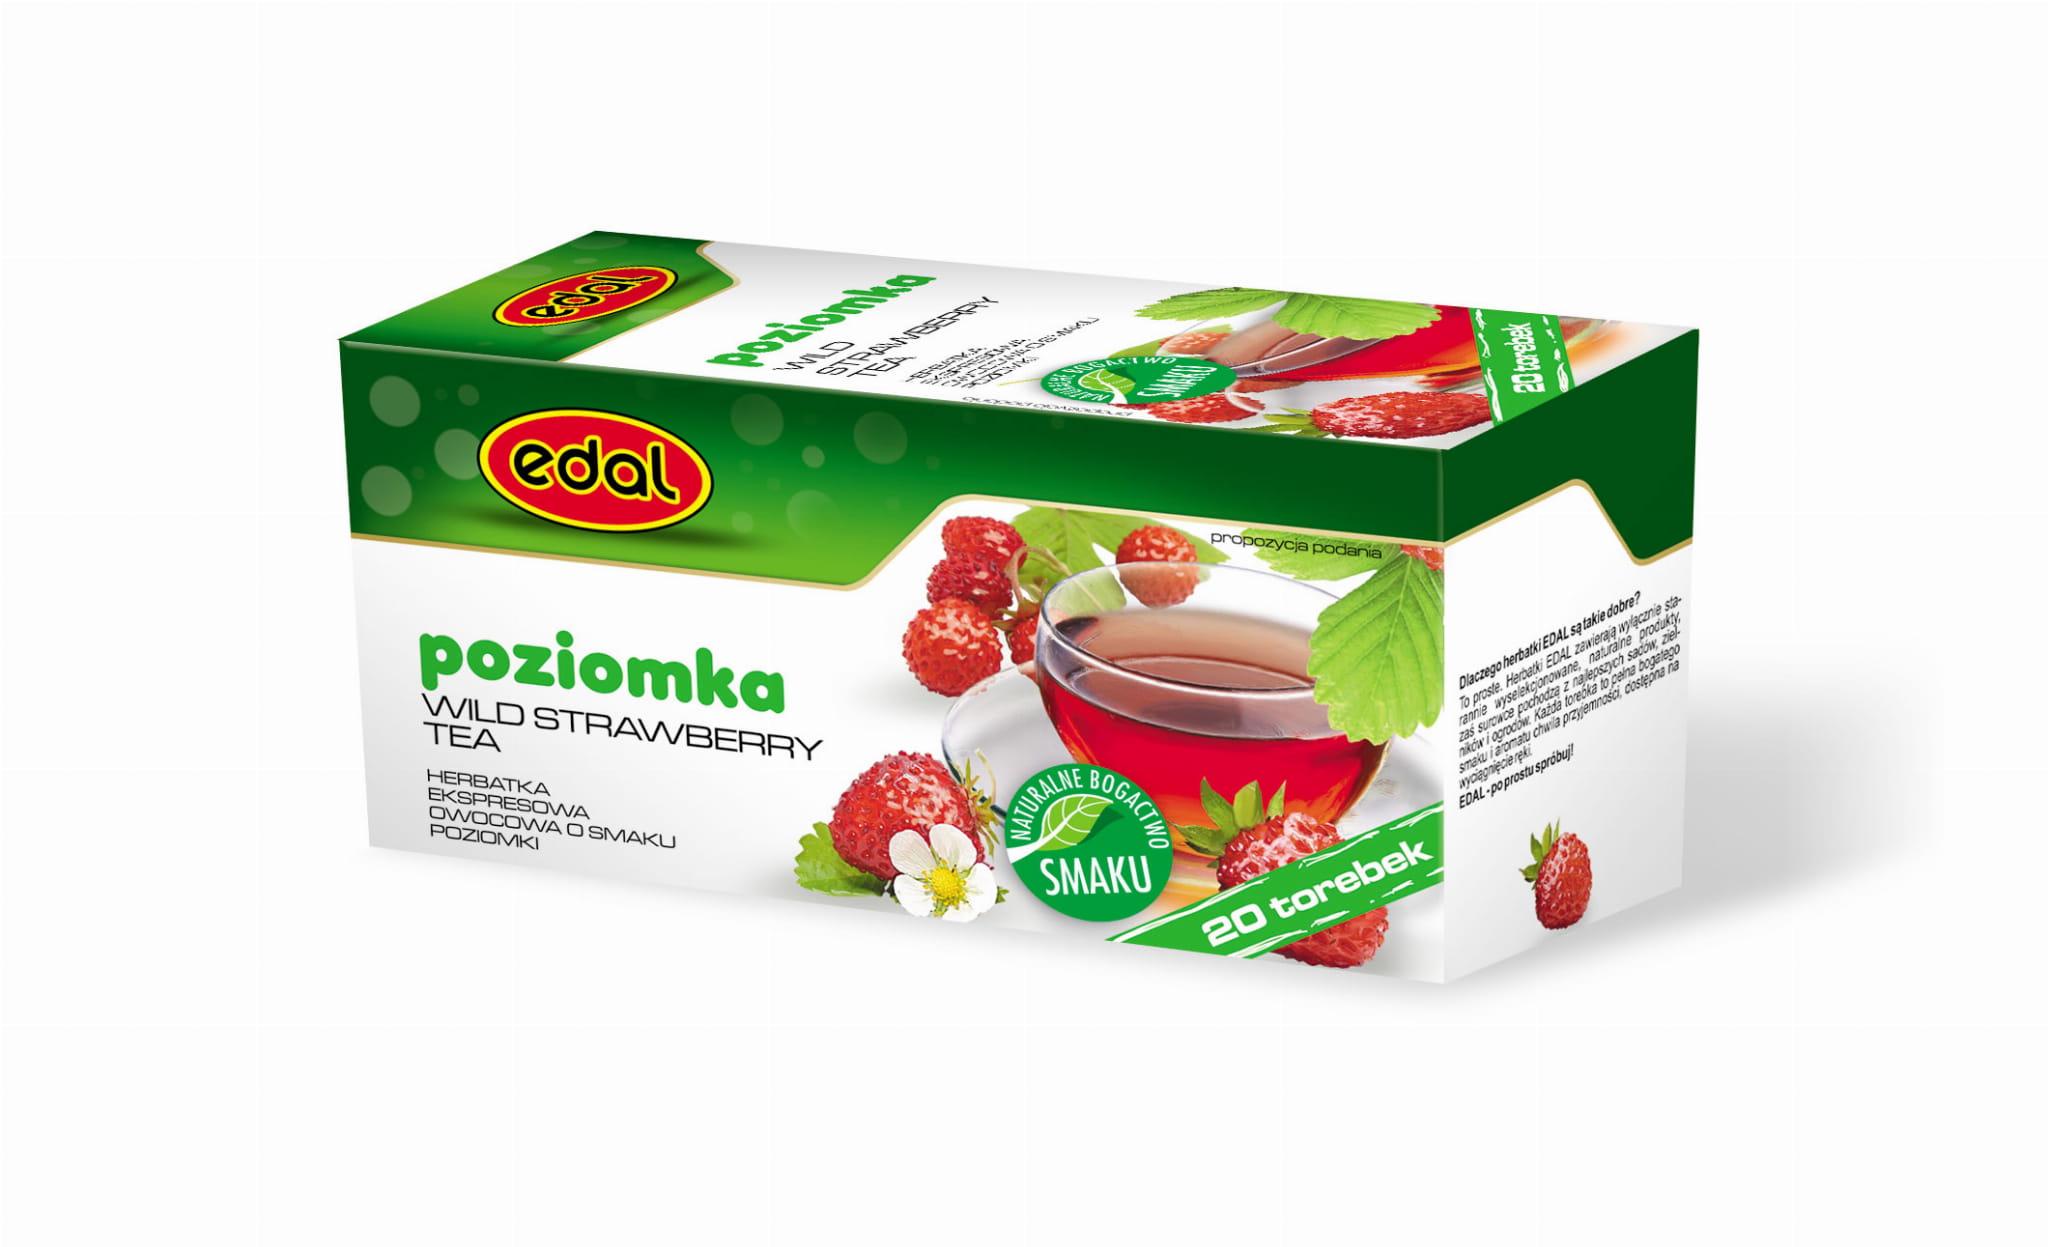 Herbatka ekspresowa owocowa Poziomka 40 g Edal